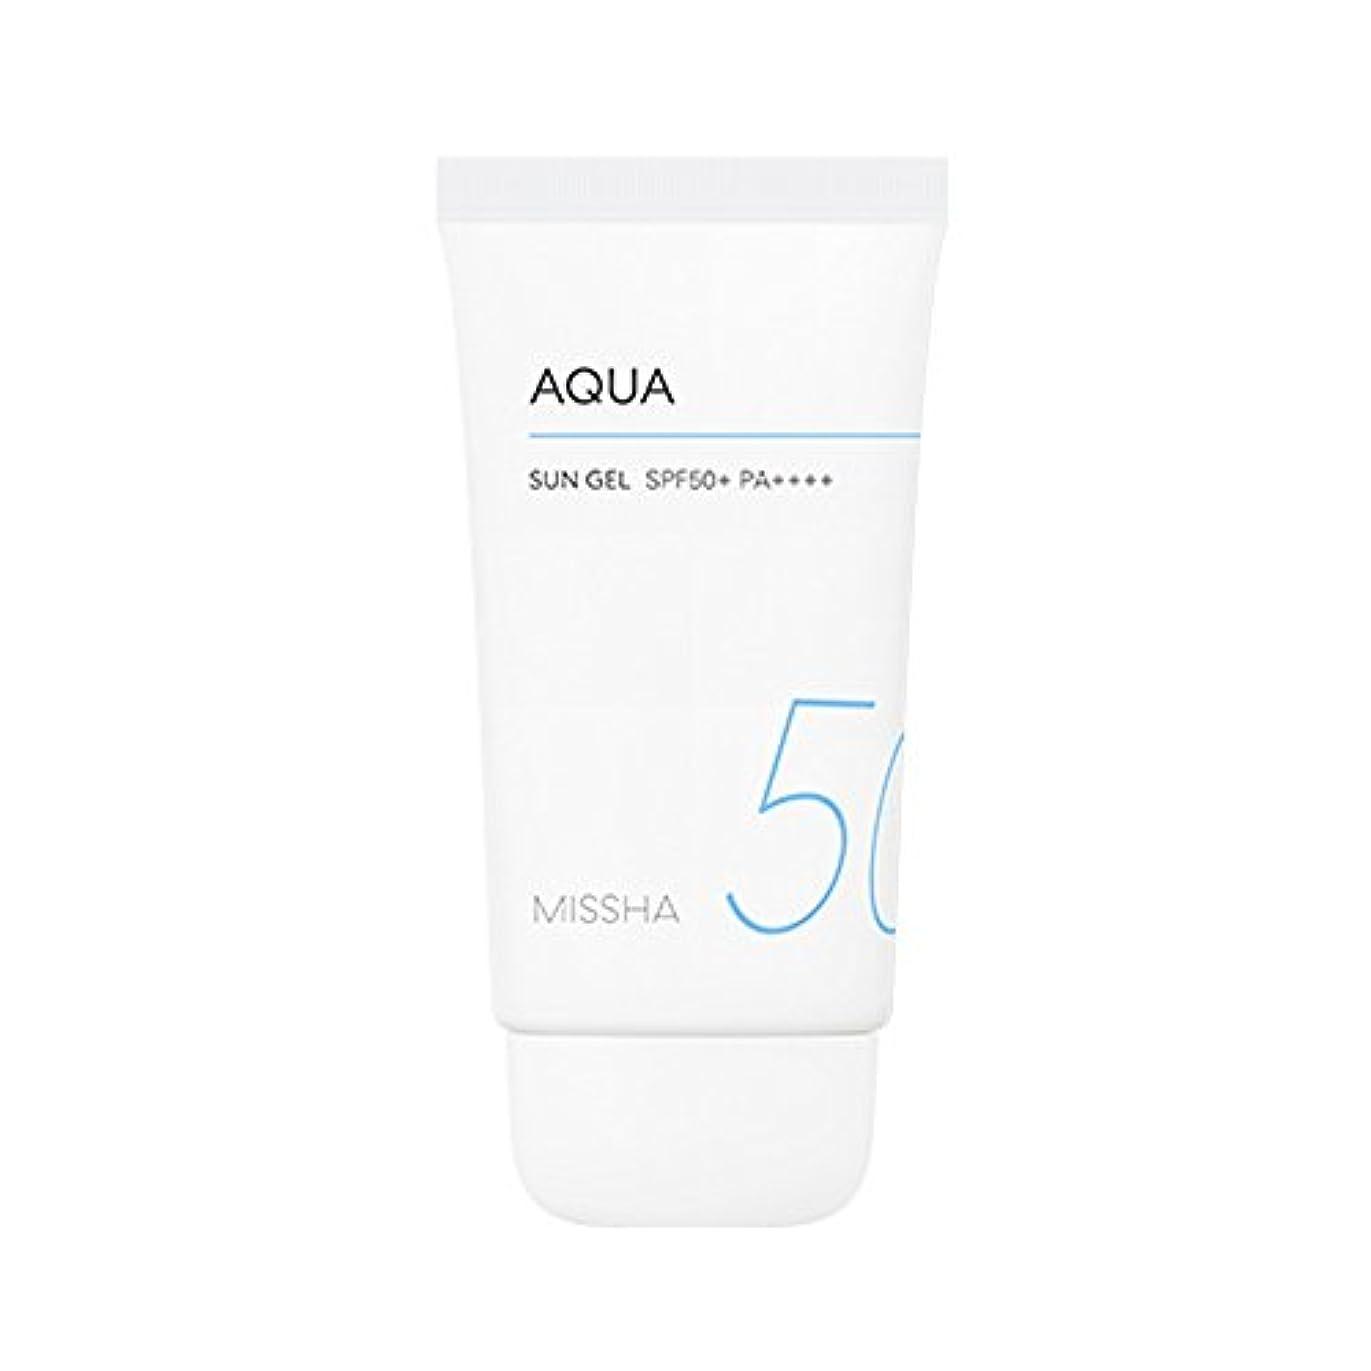 ベースゲスト気づかないMissha All Around Safe Block Aqua Sun Gel SPF50+ PA++++ 50ml ミシャ オール アラウンド セーフ ブロック アクア サン ジェル 50ml [並行輸入品]